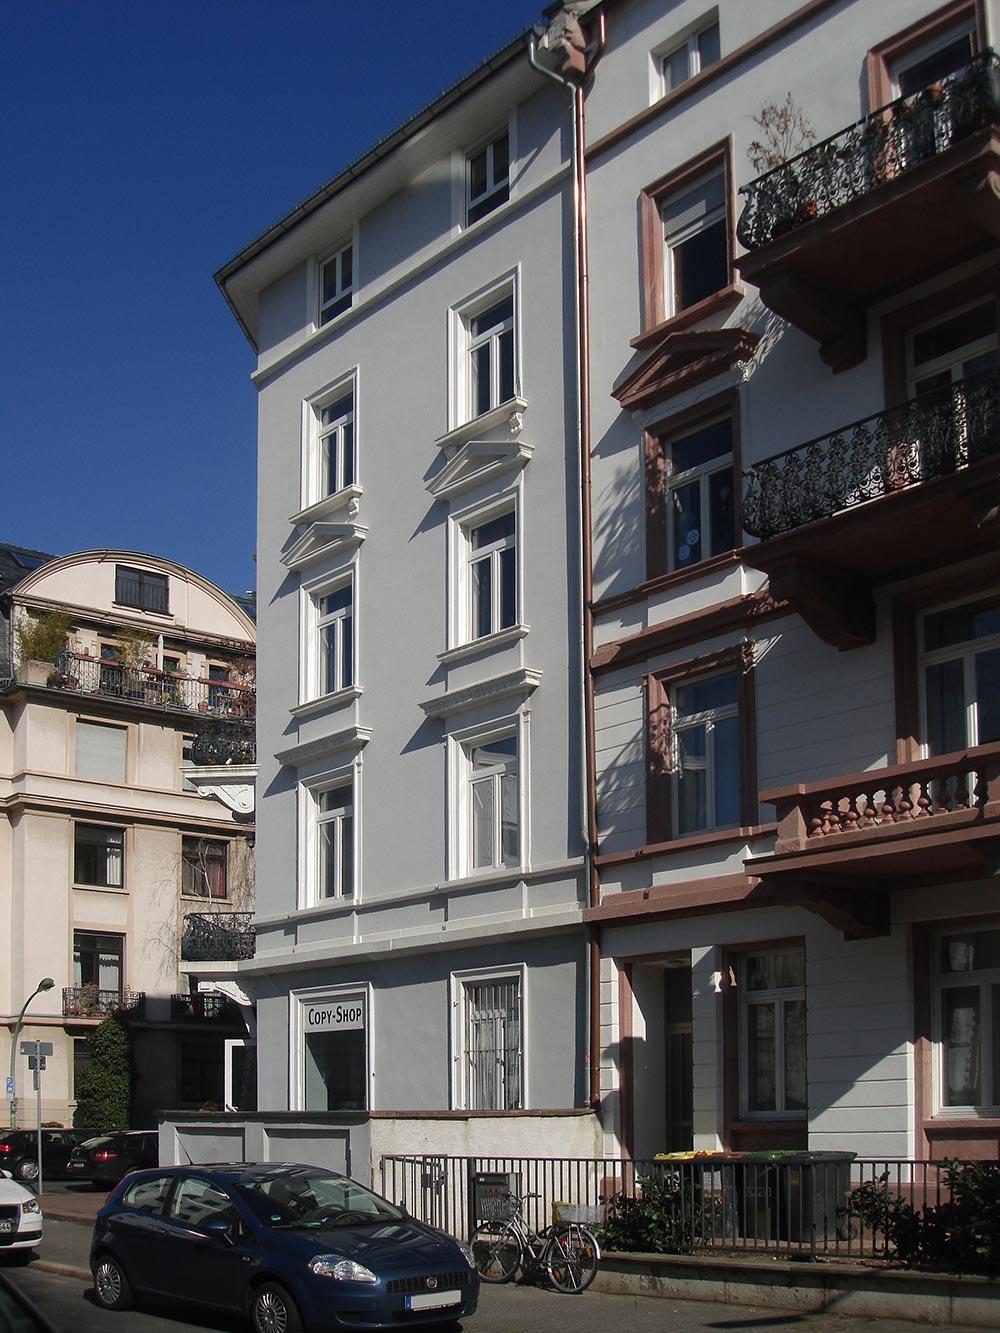 Ganz normale Wohnhäuser - Steigende Wohnkosten sind derzeit ein Problem für viele Bürger